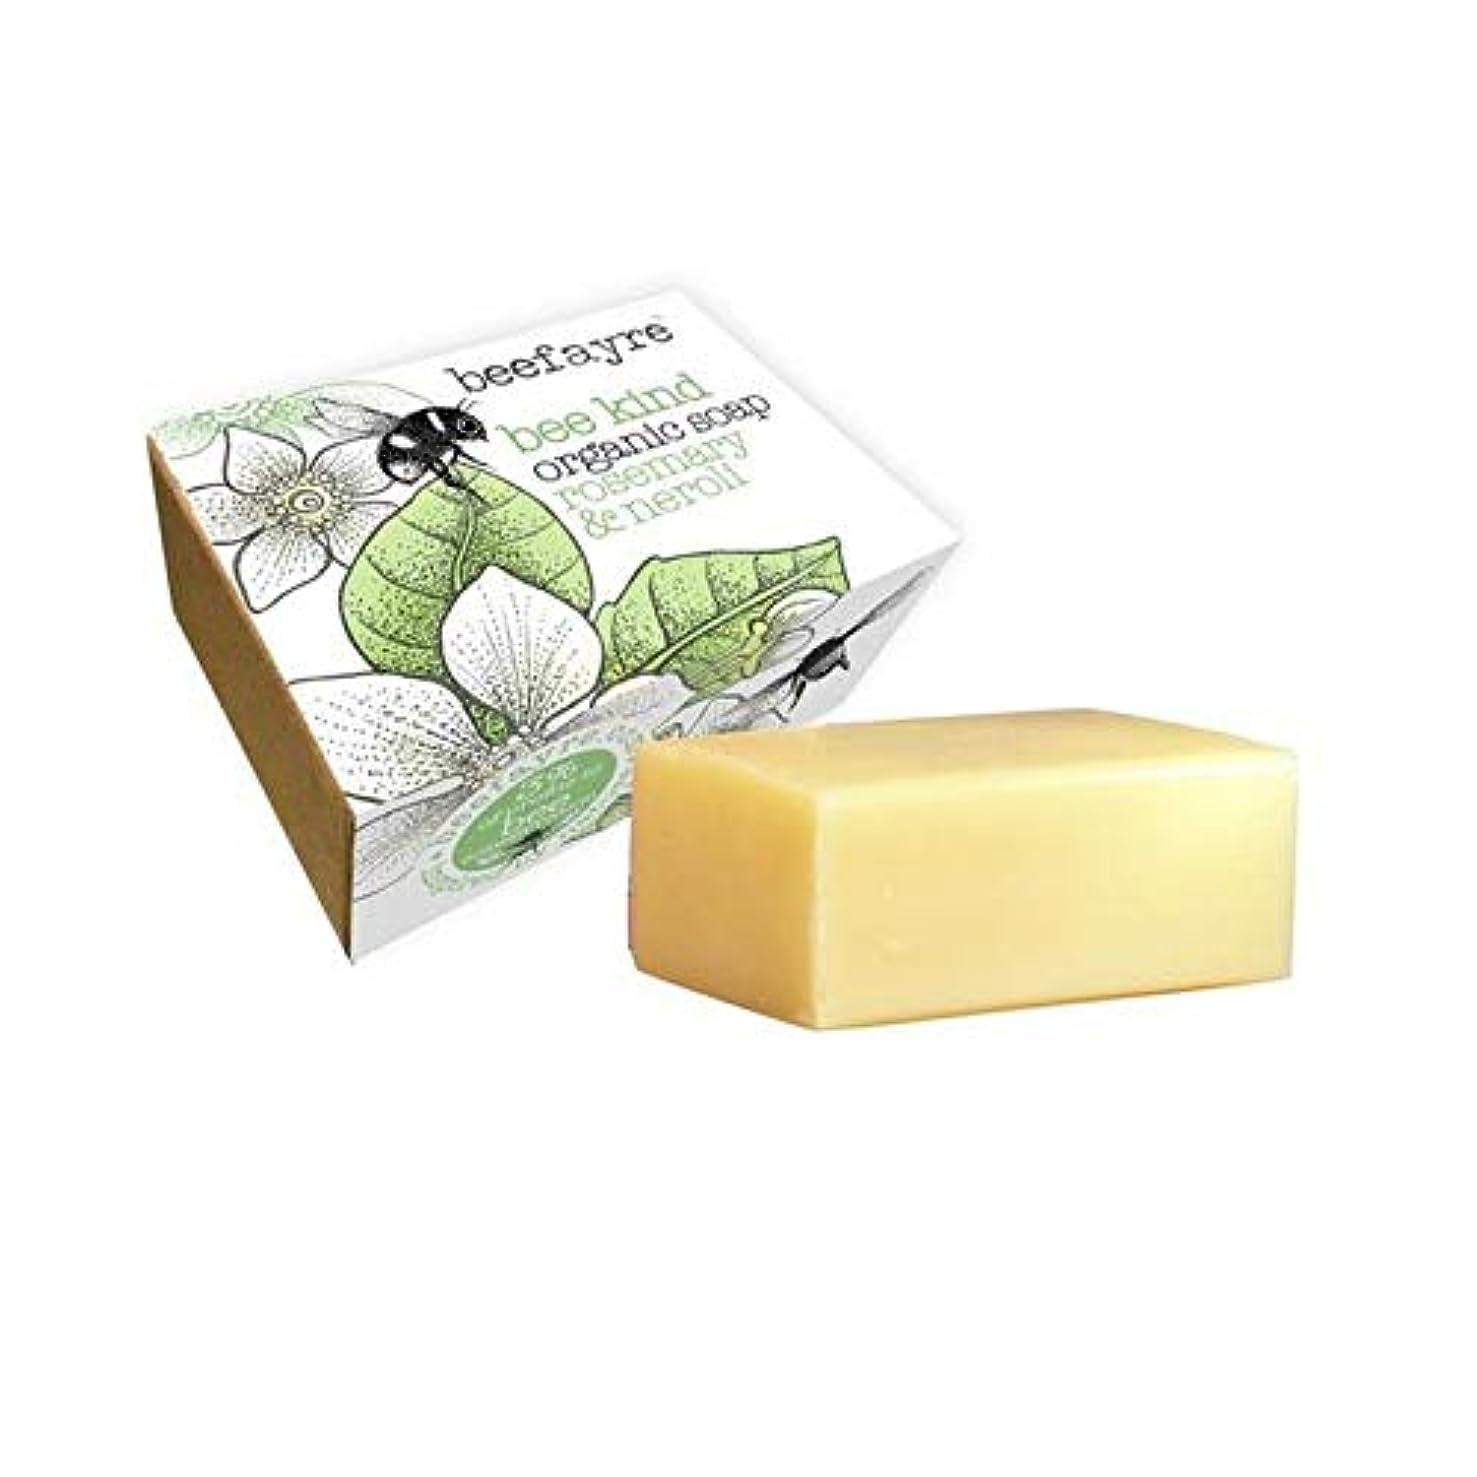 調べるを必要としていますヒューズ[Beefayre] 有機ローズマリー&ネロリソープバー100グラムBeefayre - Beefayre Organic Rosemary & Neroli Soap Bar 100g [並行輸入品]